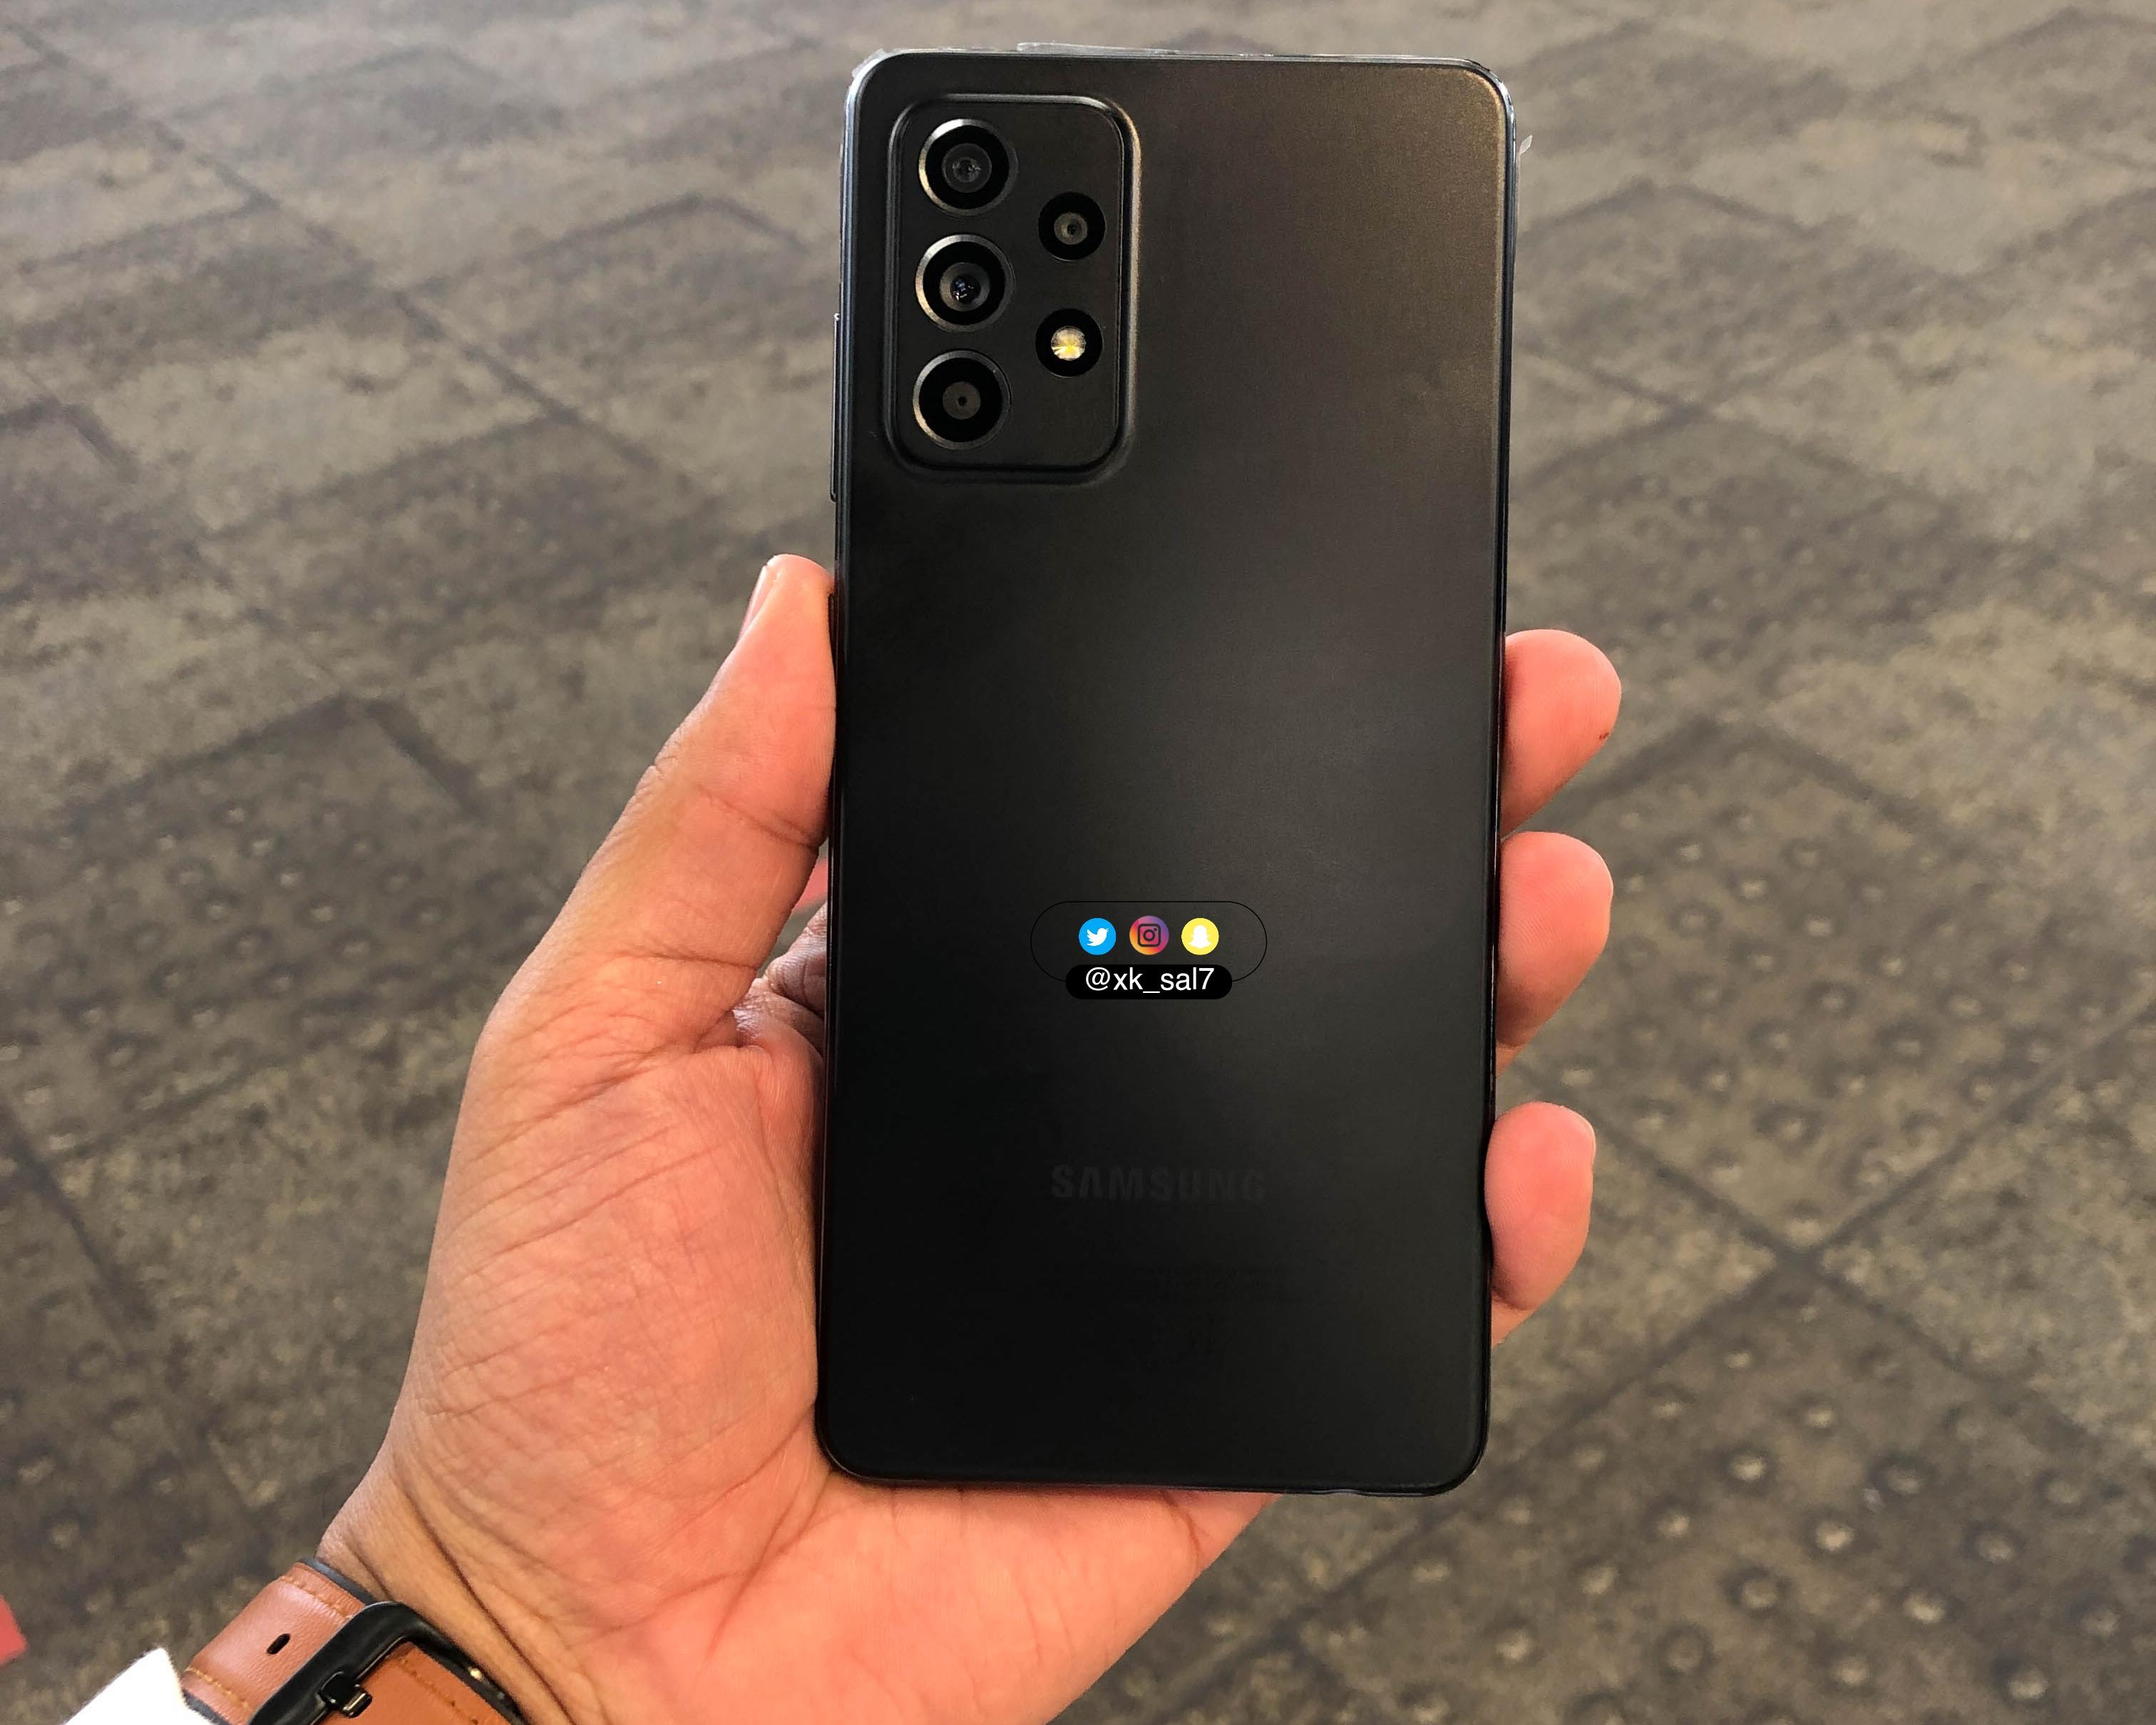 Samsung Galaxy A52 «засветился» фотографиях и видео: матовая расцветка, квадро-камеру и защита от воды IP67